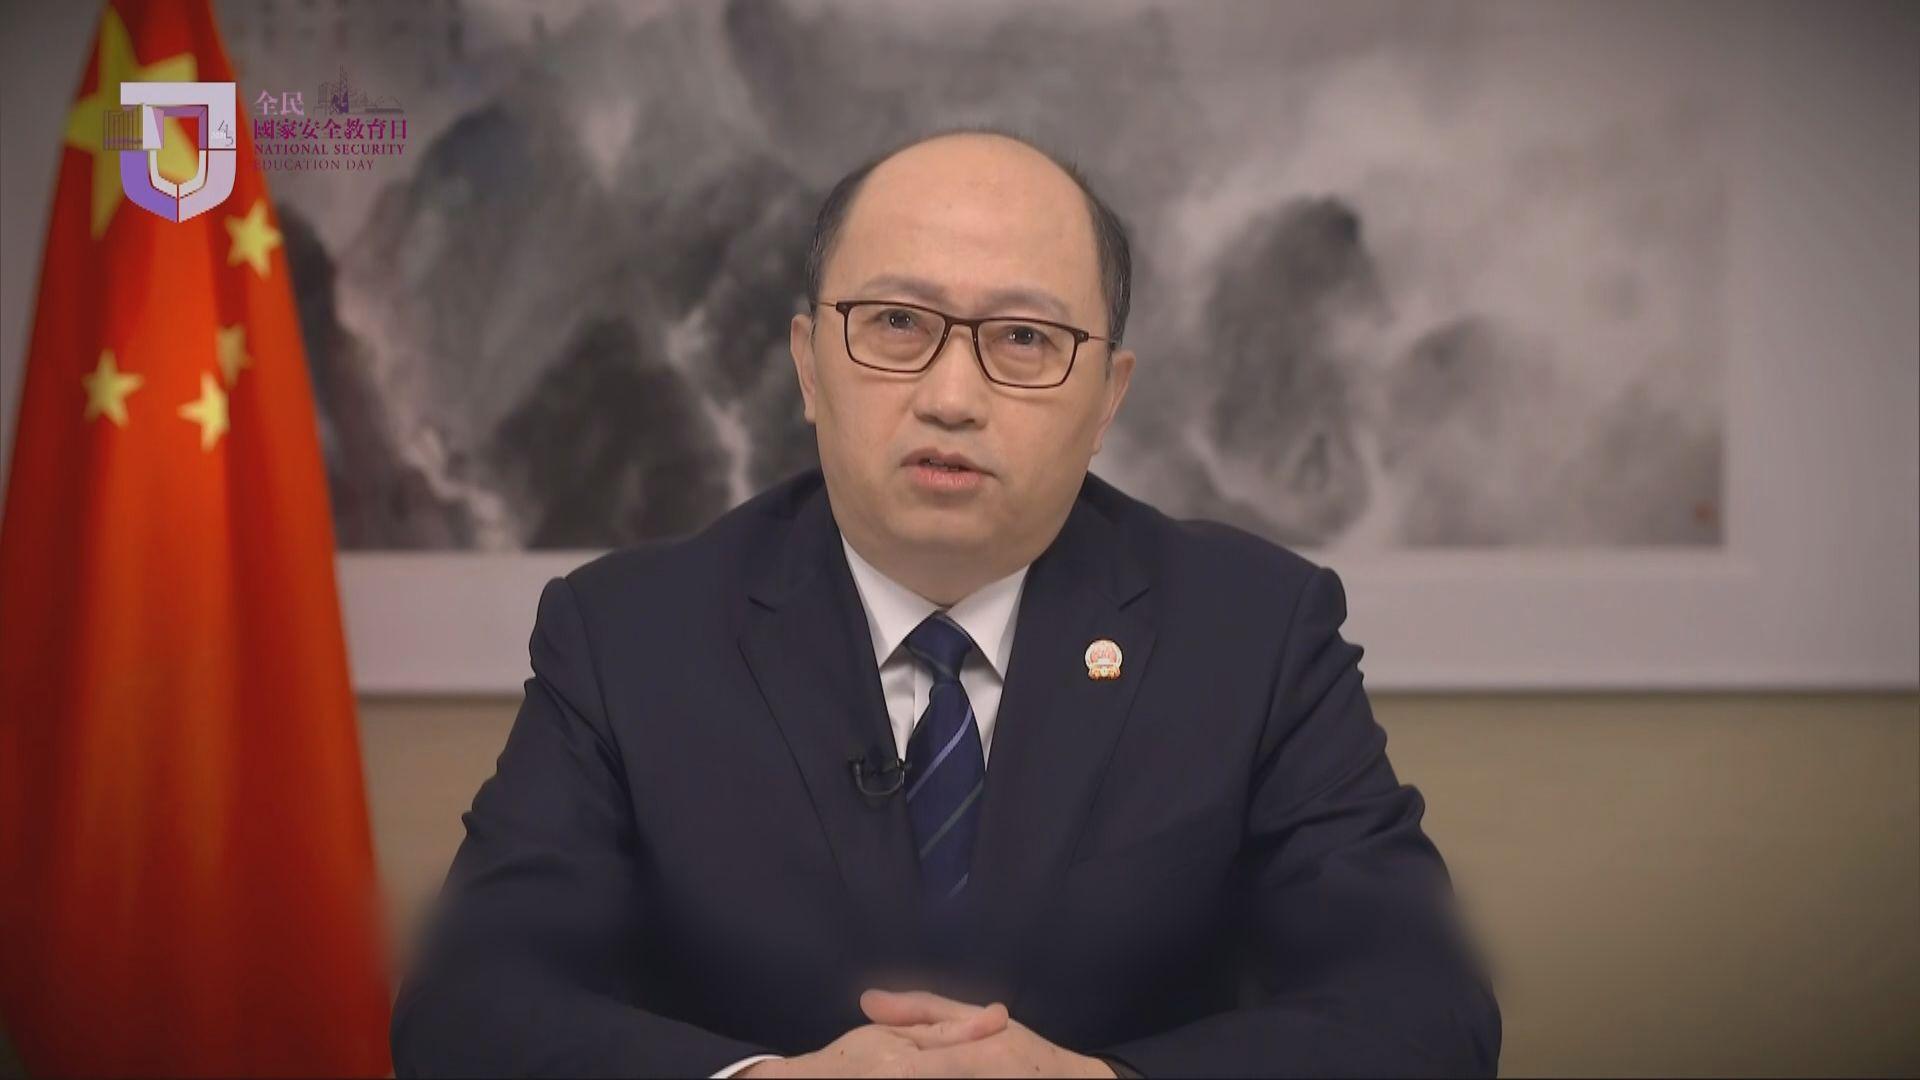 鄭雁雄:不能期望外國影響越多越好 維護國安是全港市民義務